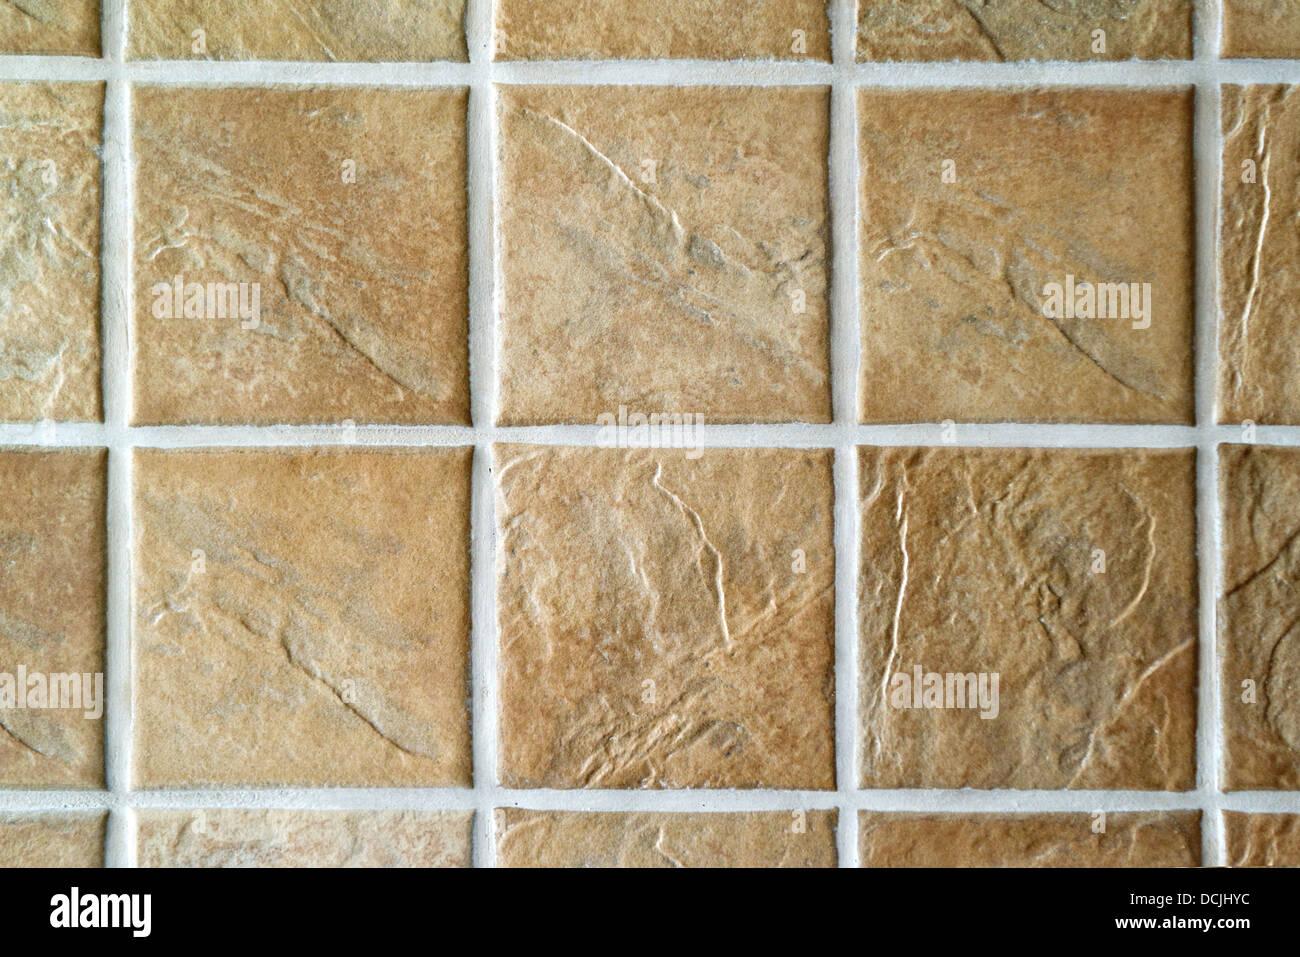 Le piastrelle di ceramica il beige mosaico di piastrelle in